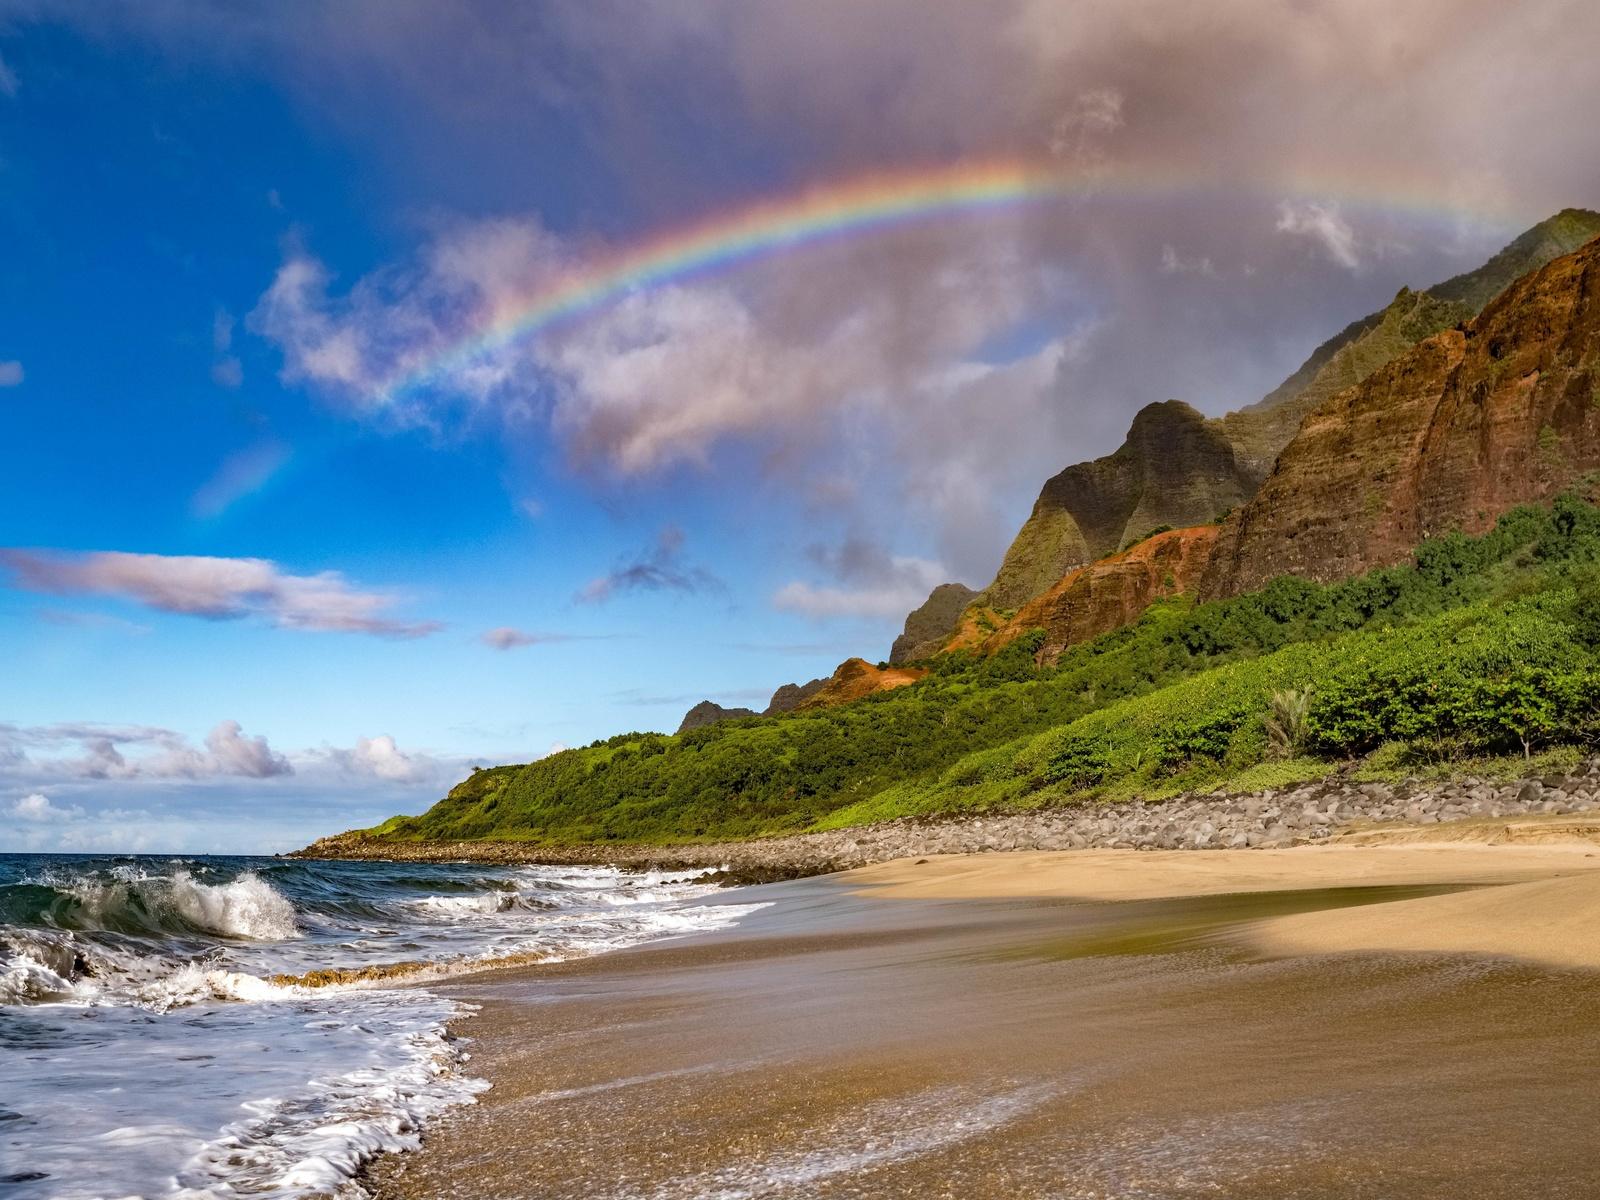 пляж, побережье, радуга, волны, склон